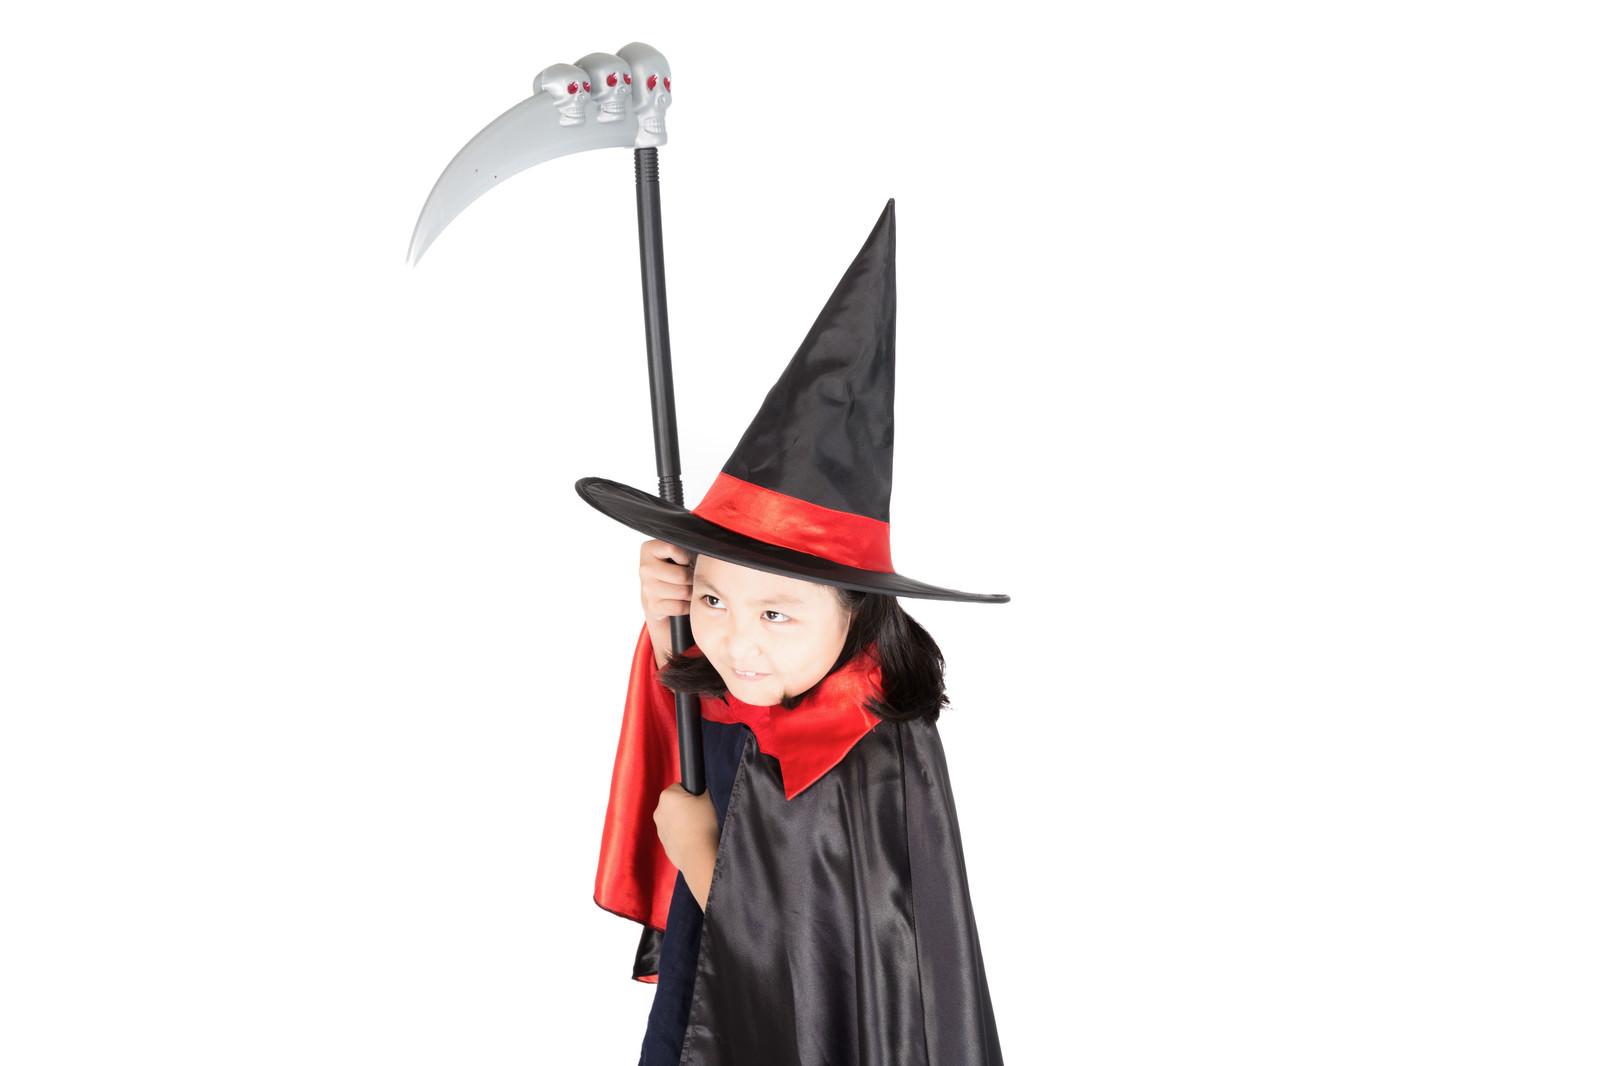 「死神の鎌を振り回すとんがり帽子の少女死神の鎌を振り回すとんがり帽子の少女」[モデル:ゆうき]のフリー写真素材を拡大